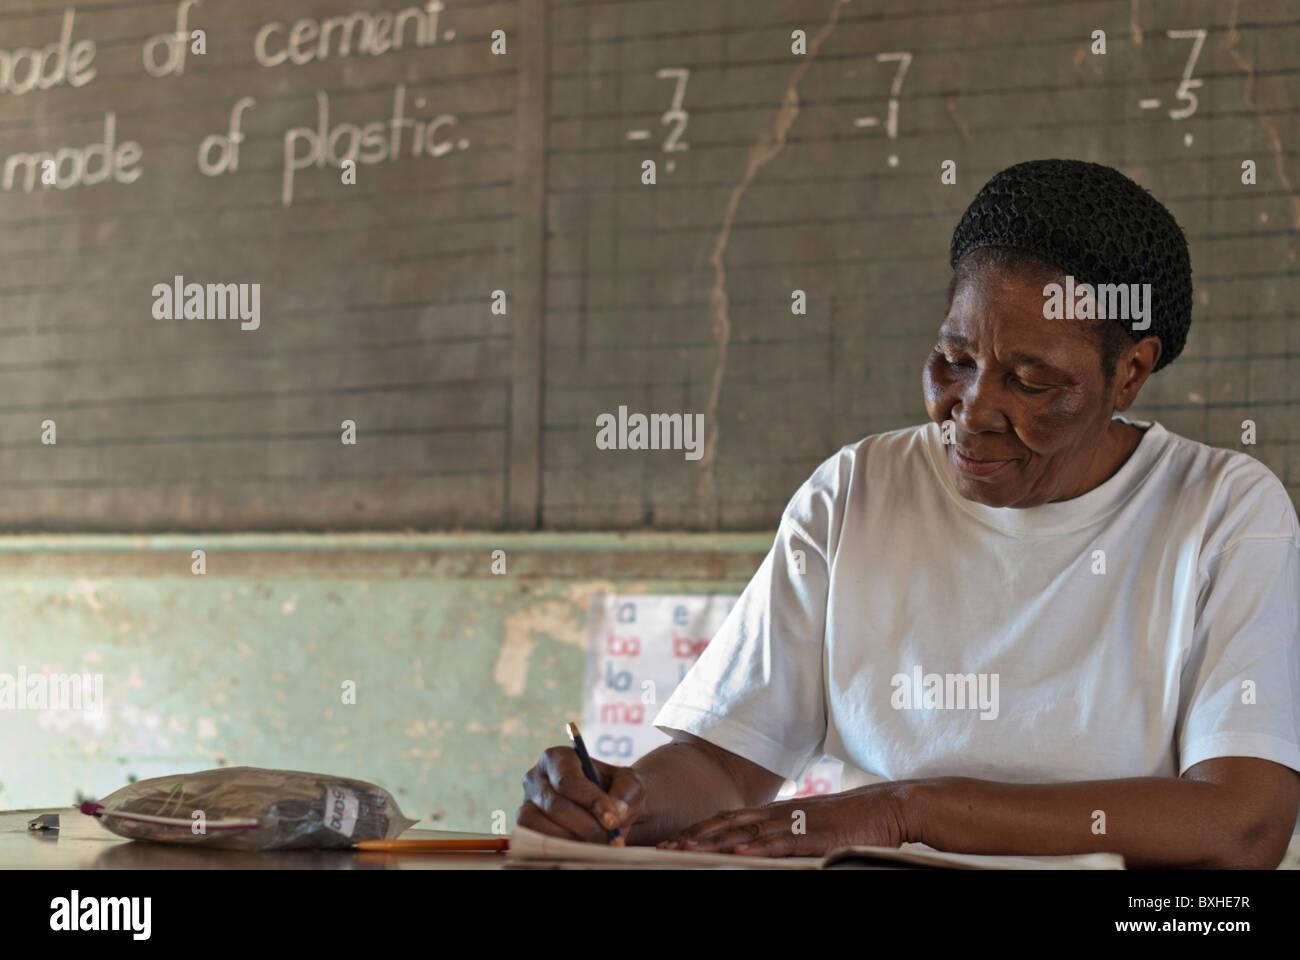 Teacher in the school, Chinotimba, Vicfalls, Zimbabwe, Africa - Stock Image